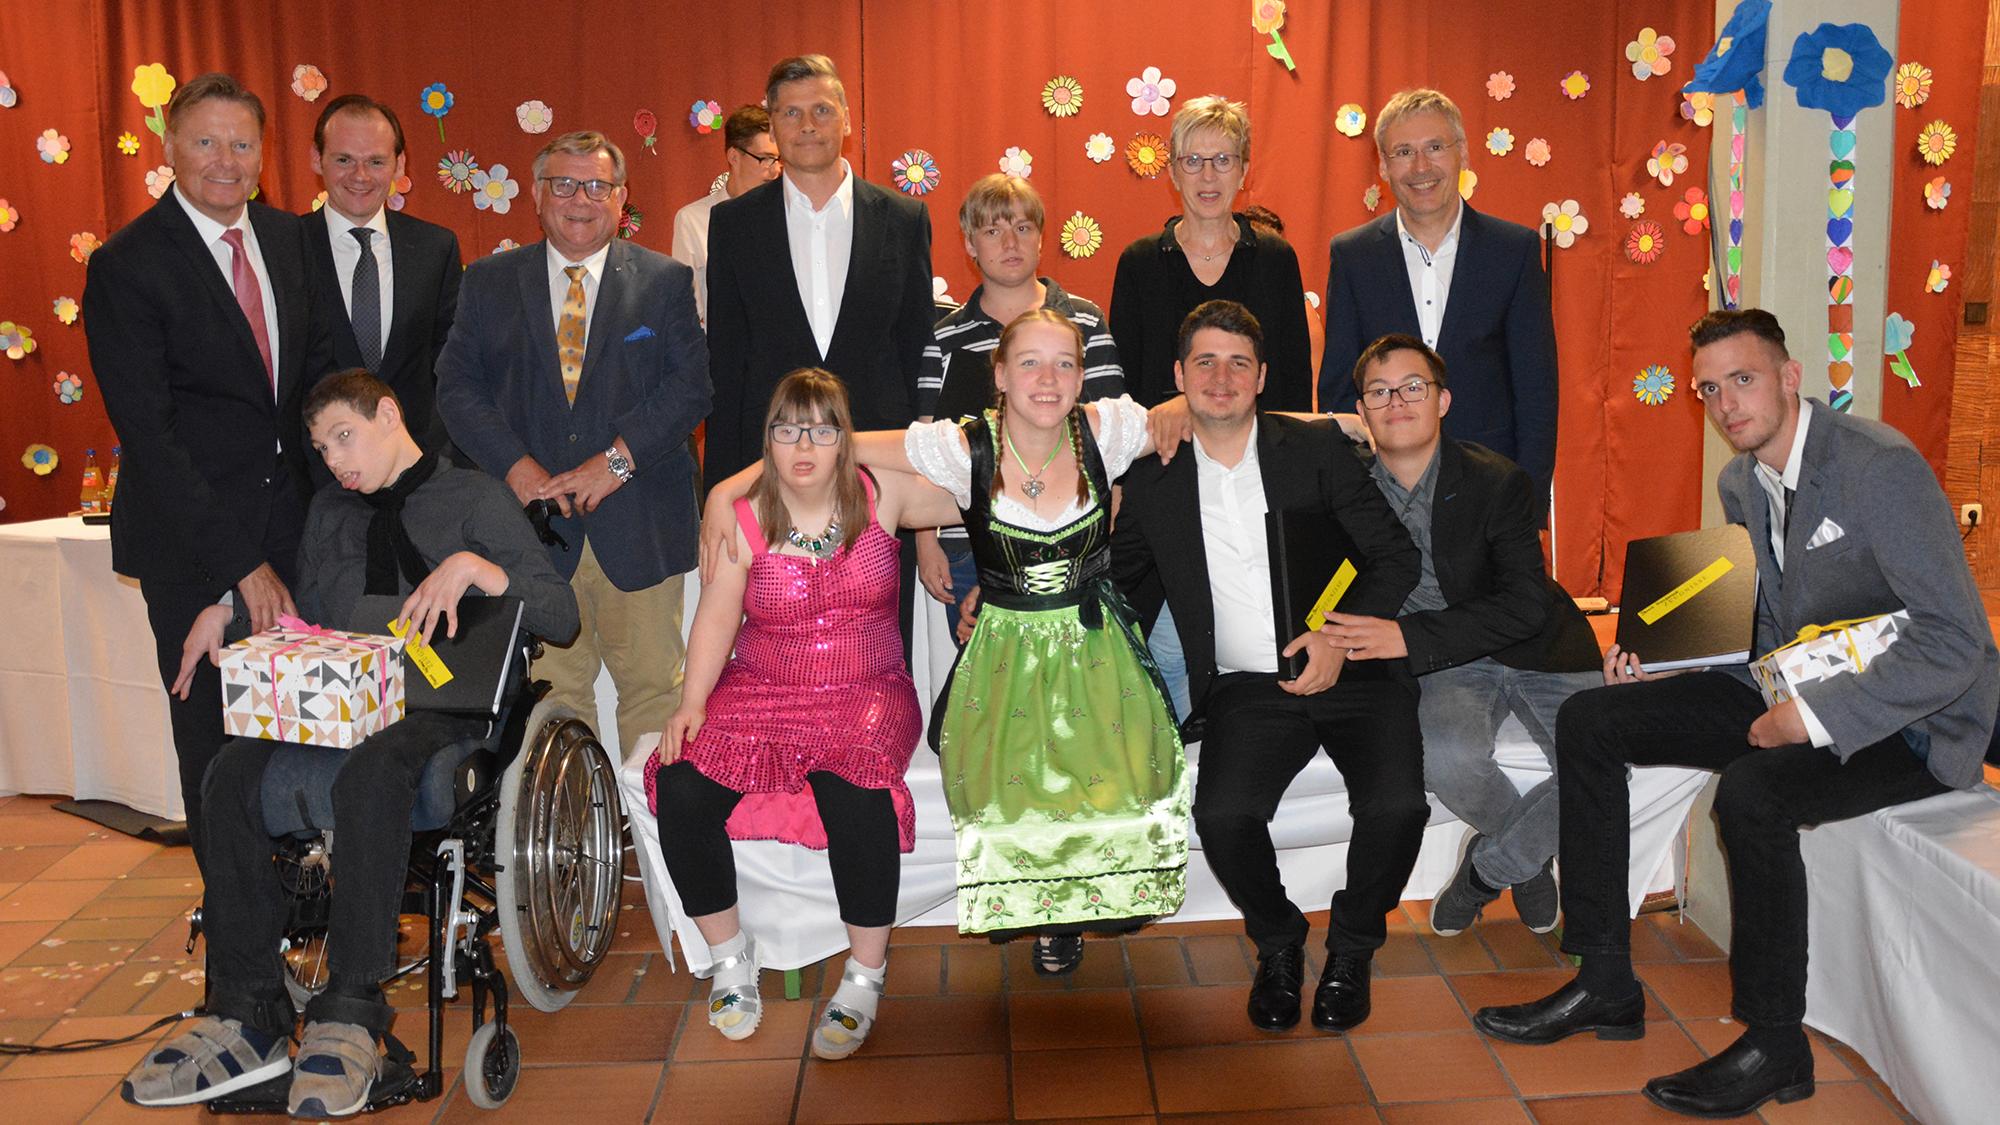 Die Schülerinnen und Schüler der Abschlussklasse der Dr. Bernhard Leniger Schule die nun ihre Abschlusszeugnisse überreicht bekamen mit Schulleitung und Vertretern des Trägers.